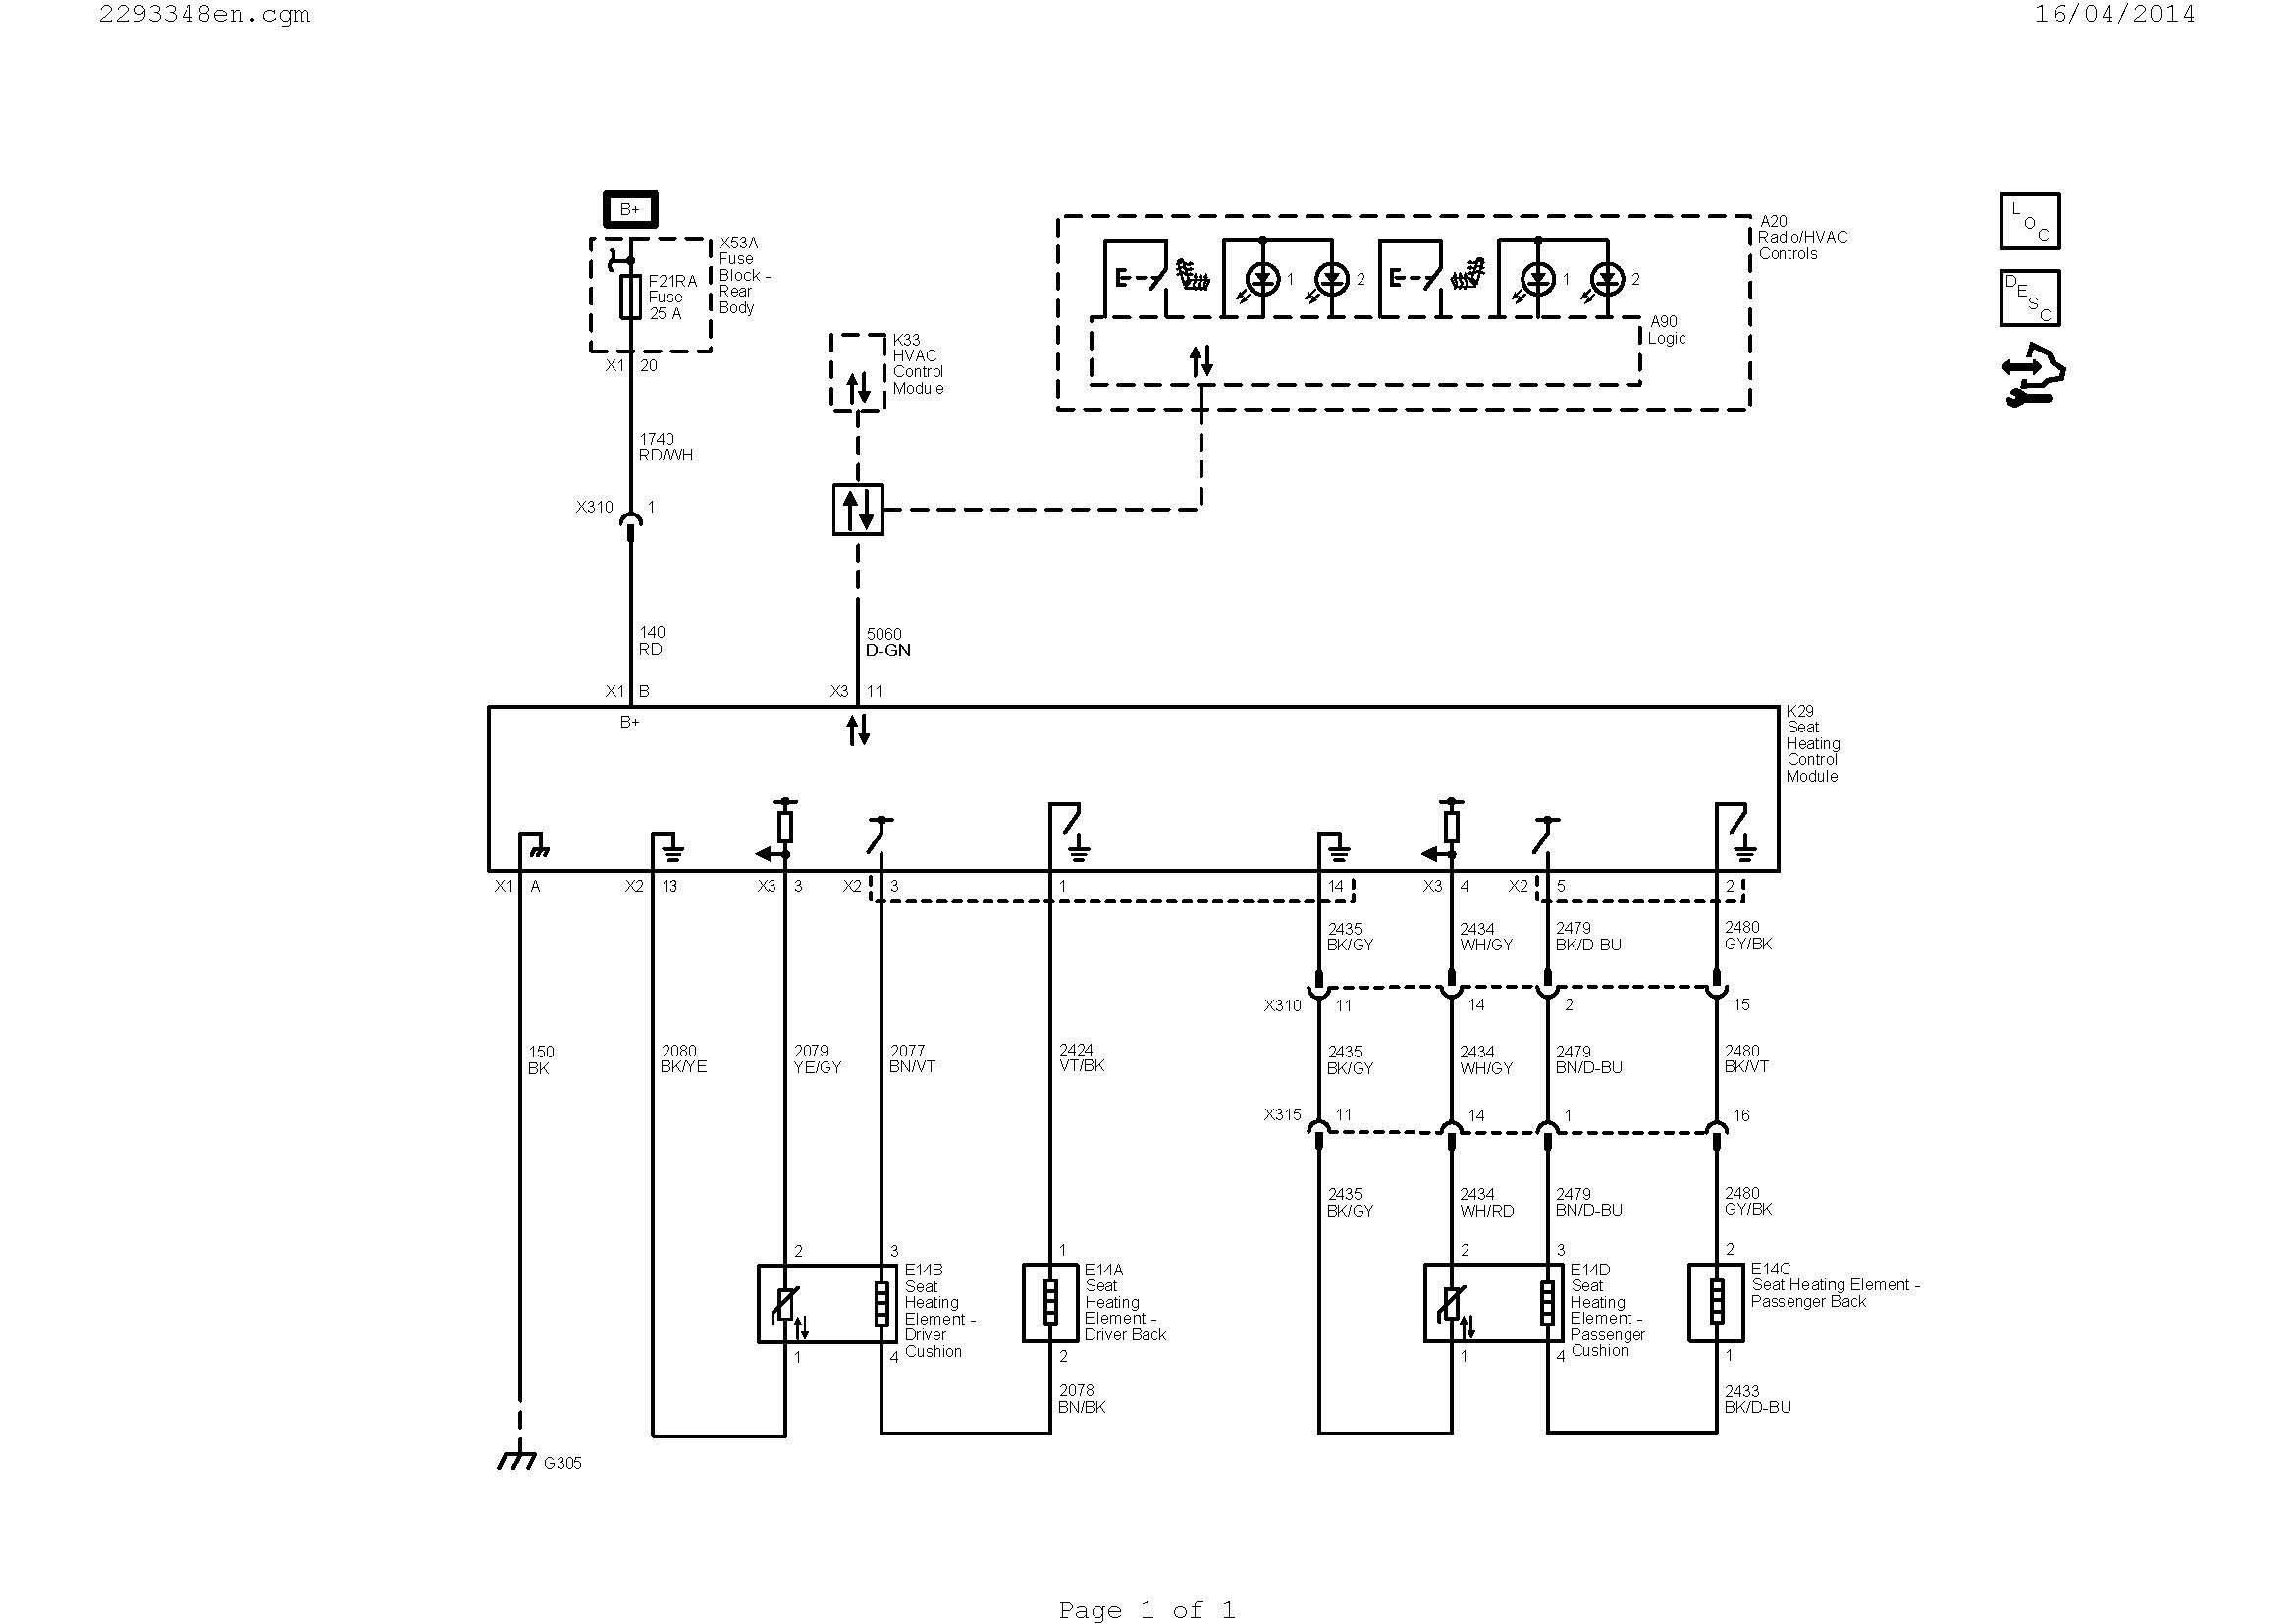 split unit wiring diagram Download-split unit wiring diagram Download Wiring A Ac Thermostat Diagram New Wiring Diagram Ac Valid 16-j